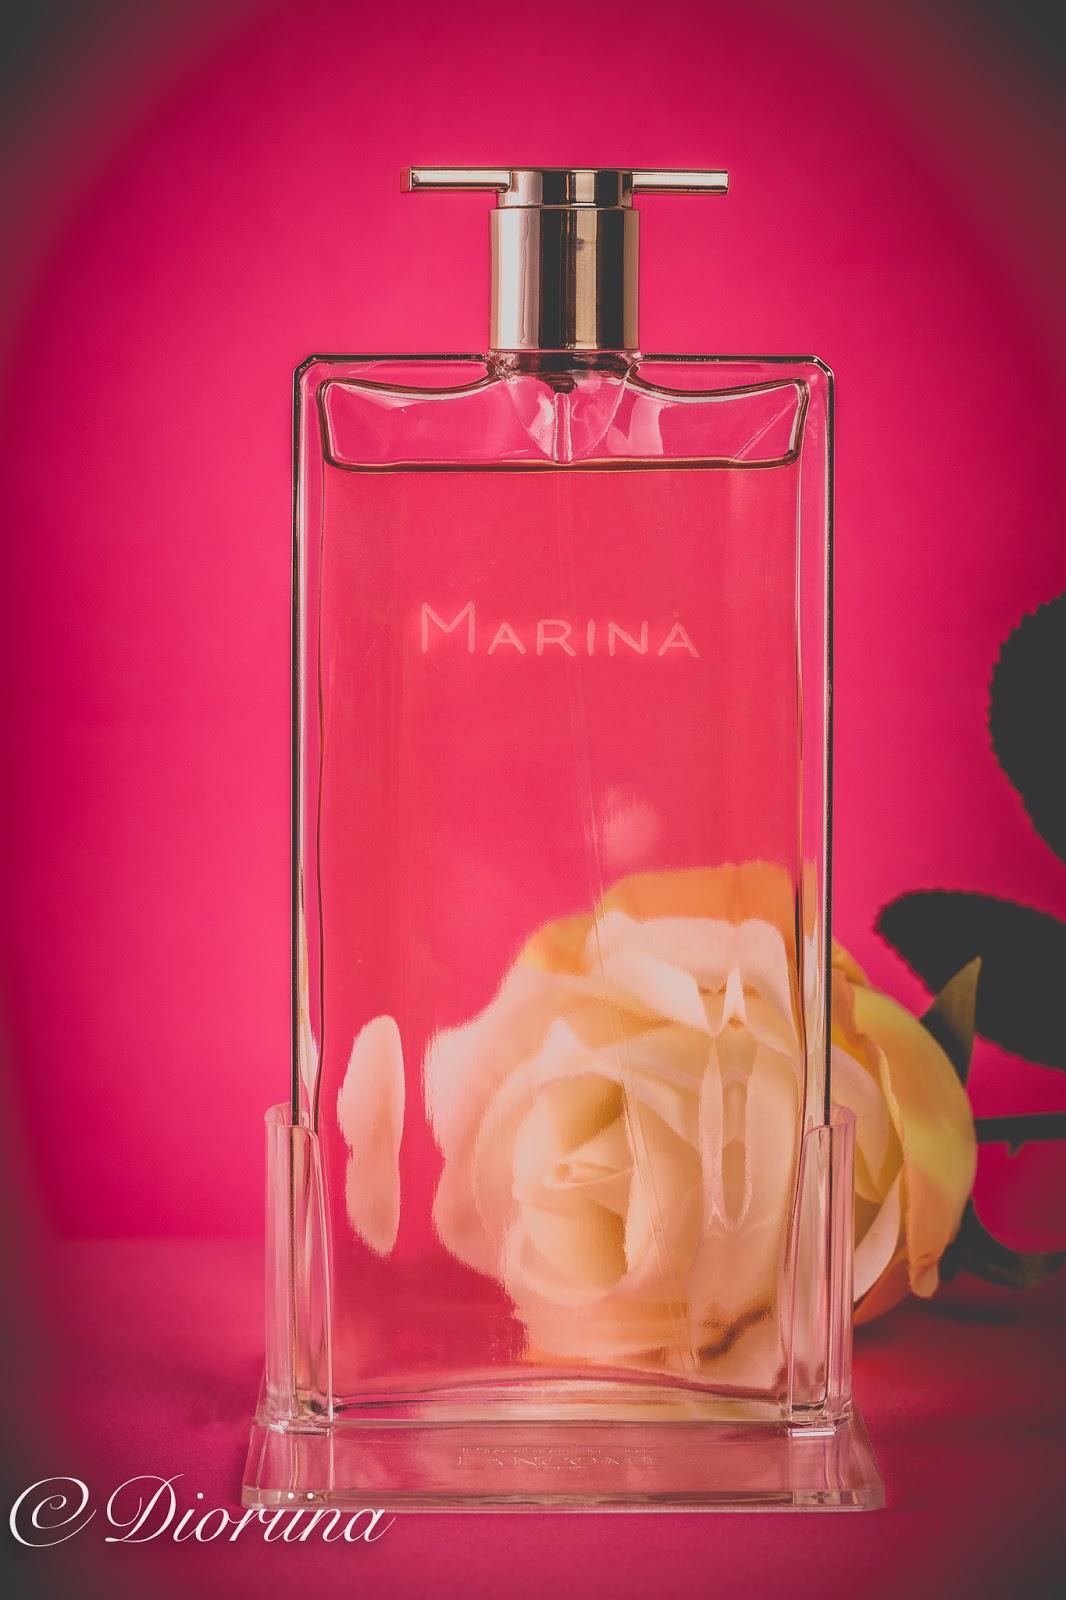 Lancomen Idole tuoksu on 3 naisen yhteistyönä syntynyt tuoksu.